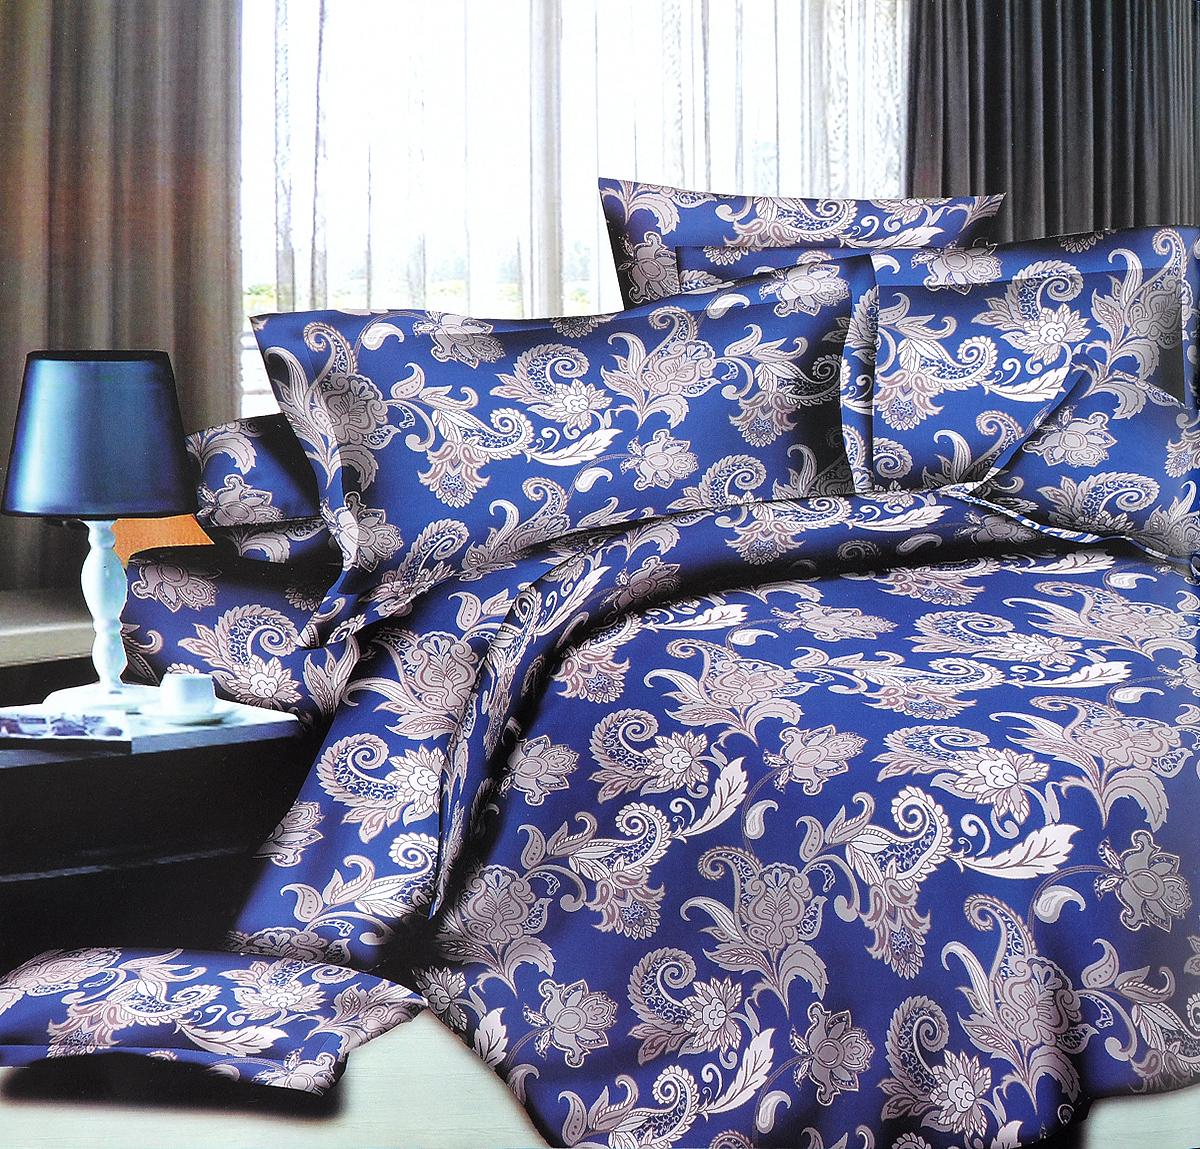 Комплект белья ЭГО Узор, 1,5-спальный, наволочки 70x70FA-5125 WhiteКомплект постельного белья ЭГО Узор выполнен из полисатина (50% хлопка, 50% полиэстера). Комплект состоит из пододеяльника, простыни и двух наволочек. Постельное белье, оформленное оригинальным принтом, имеет изысканный внешний вид и яркую цветовую гамму. Наволочки застегиваются на клапаны. Гладкая структура делает ткань приятной на ощупь, мягкой и нежной, при этом она прочная и хорошо сохраняет форму. Ткань легко гладится, не линяет и не садится. Благодаря такому комплекту постельного белья вы сможете создать атмосферу роскоши и романтики в вашей спальне.